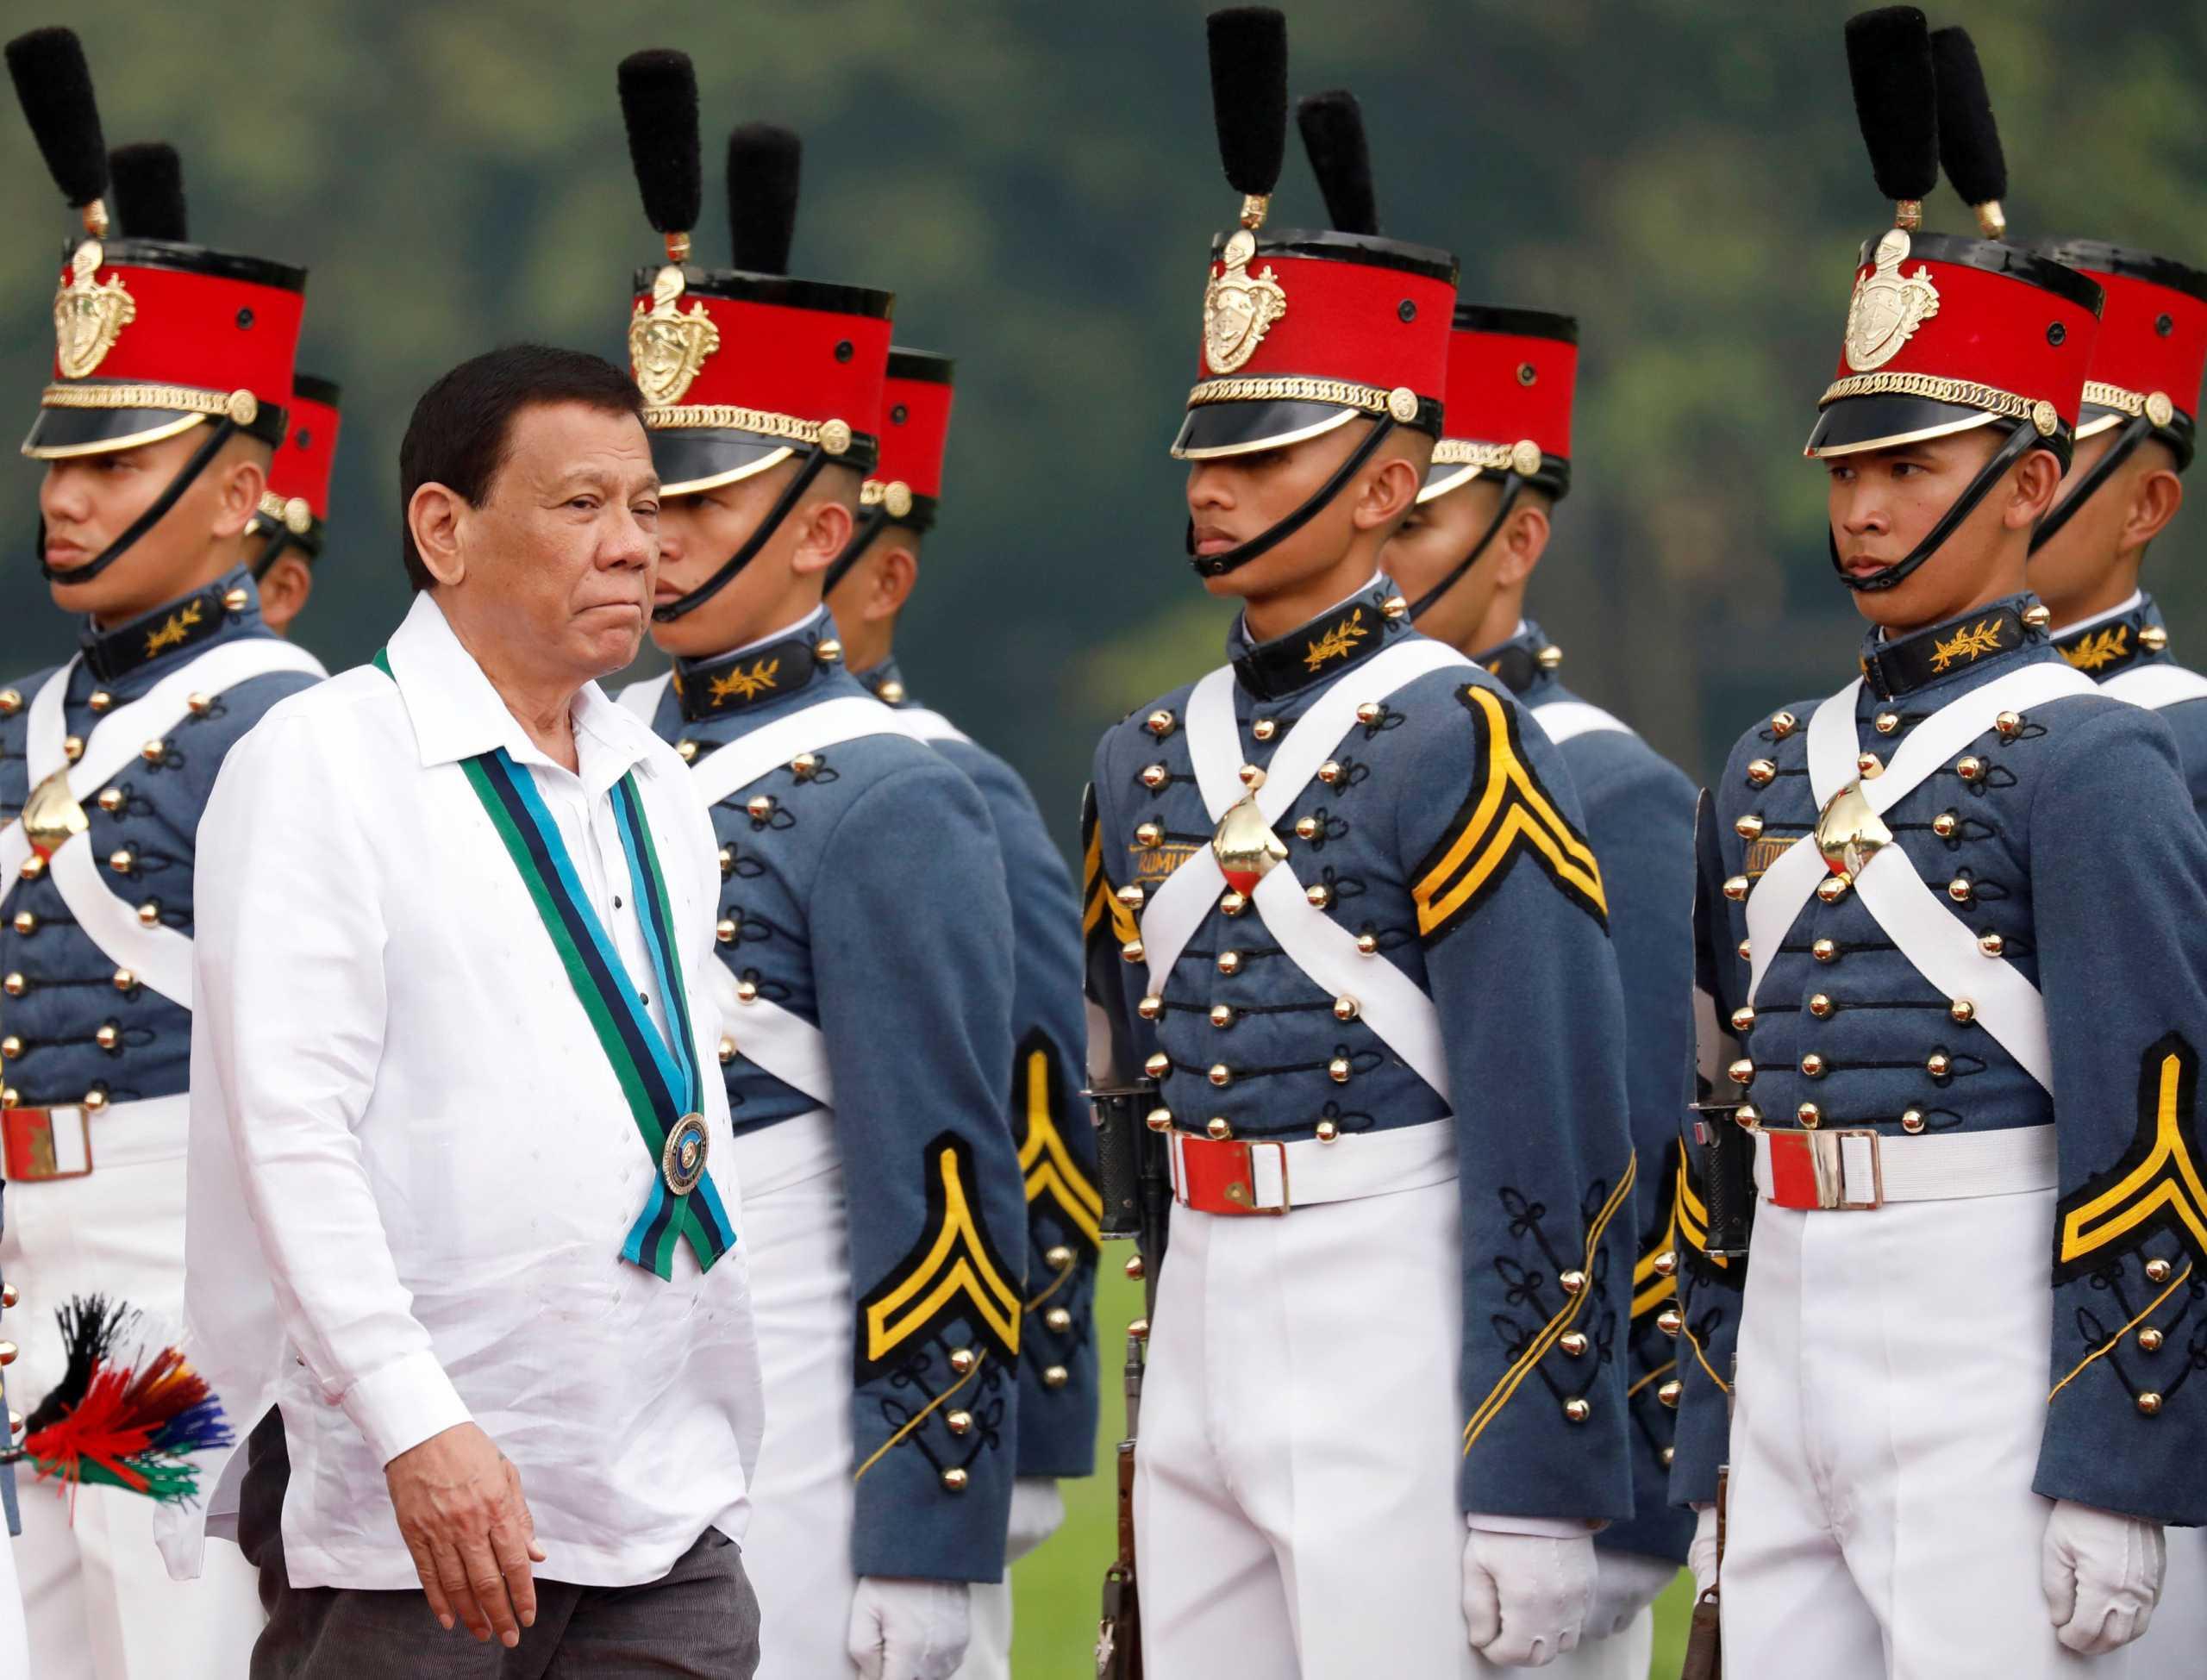 Φιλιππίνες: Σεξιστικό κρεσέντο Ντουτέρτε – «Δεν είναι αυτή δουλειά για μια γυναίκα»